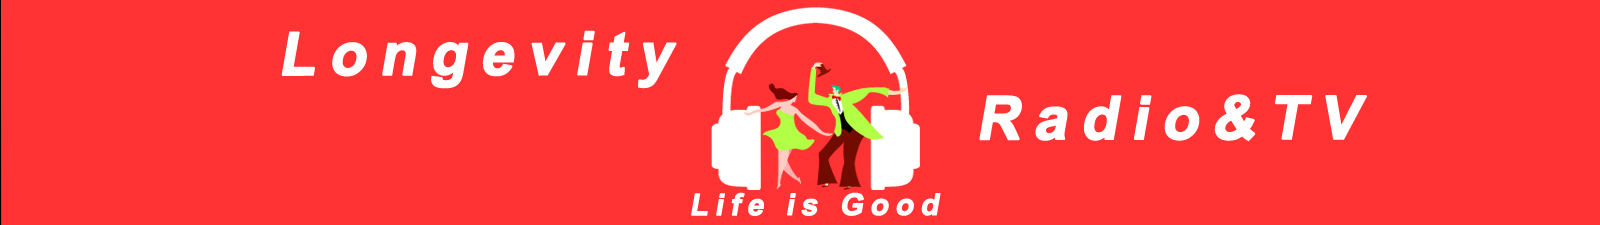 Longevity Radio